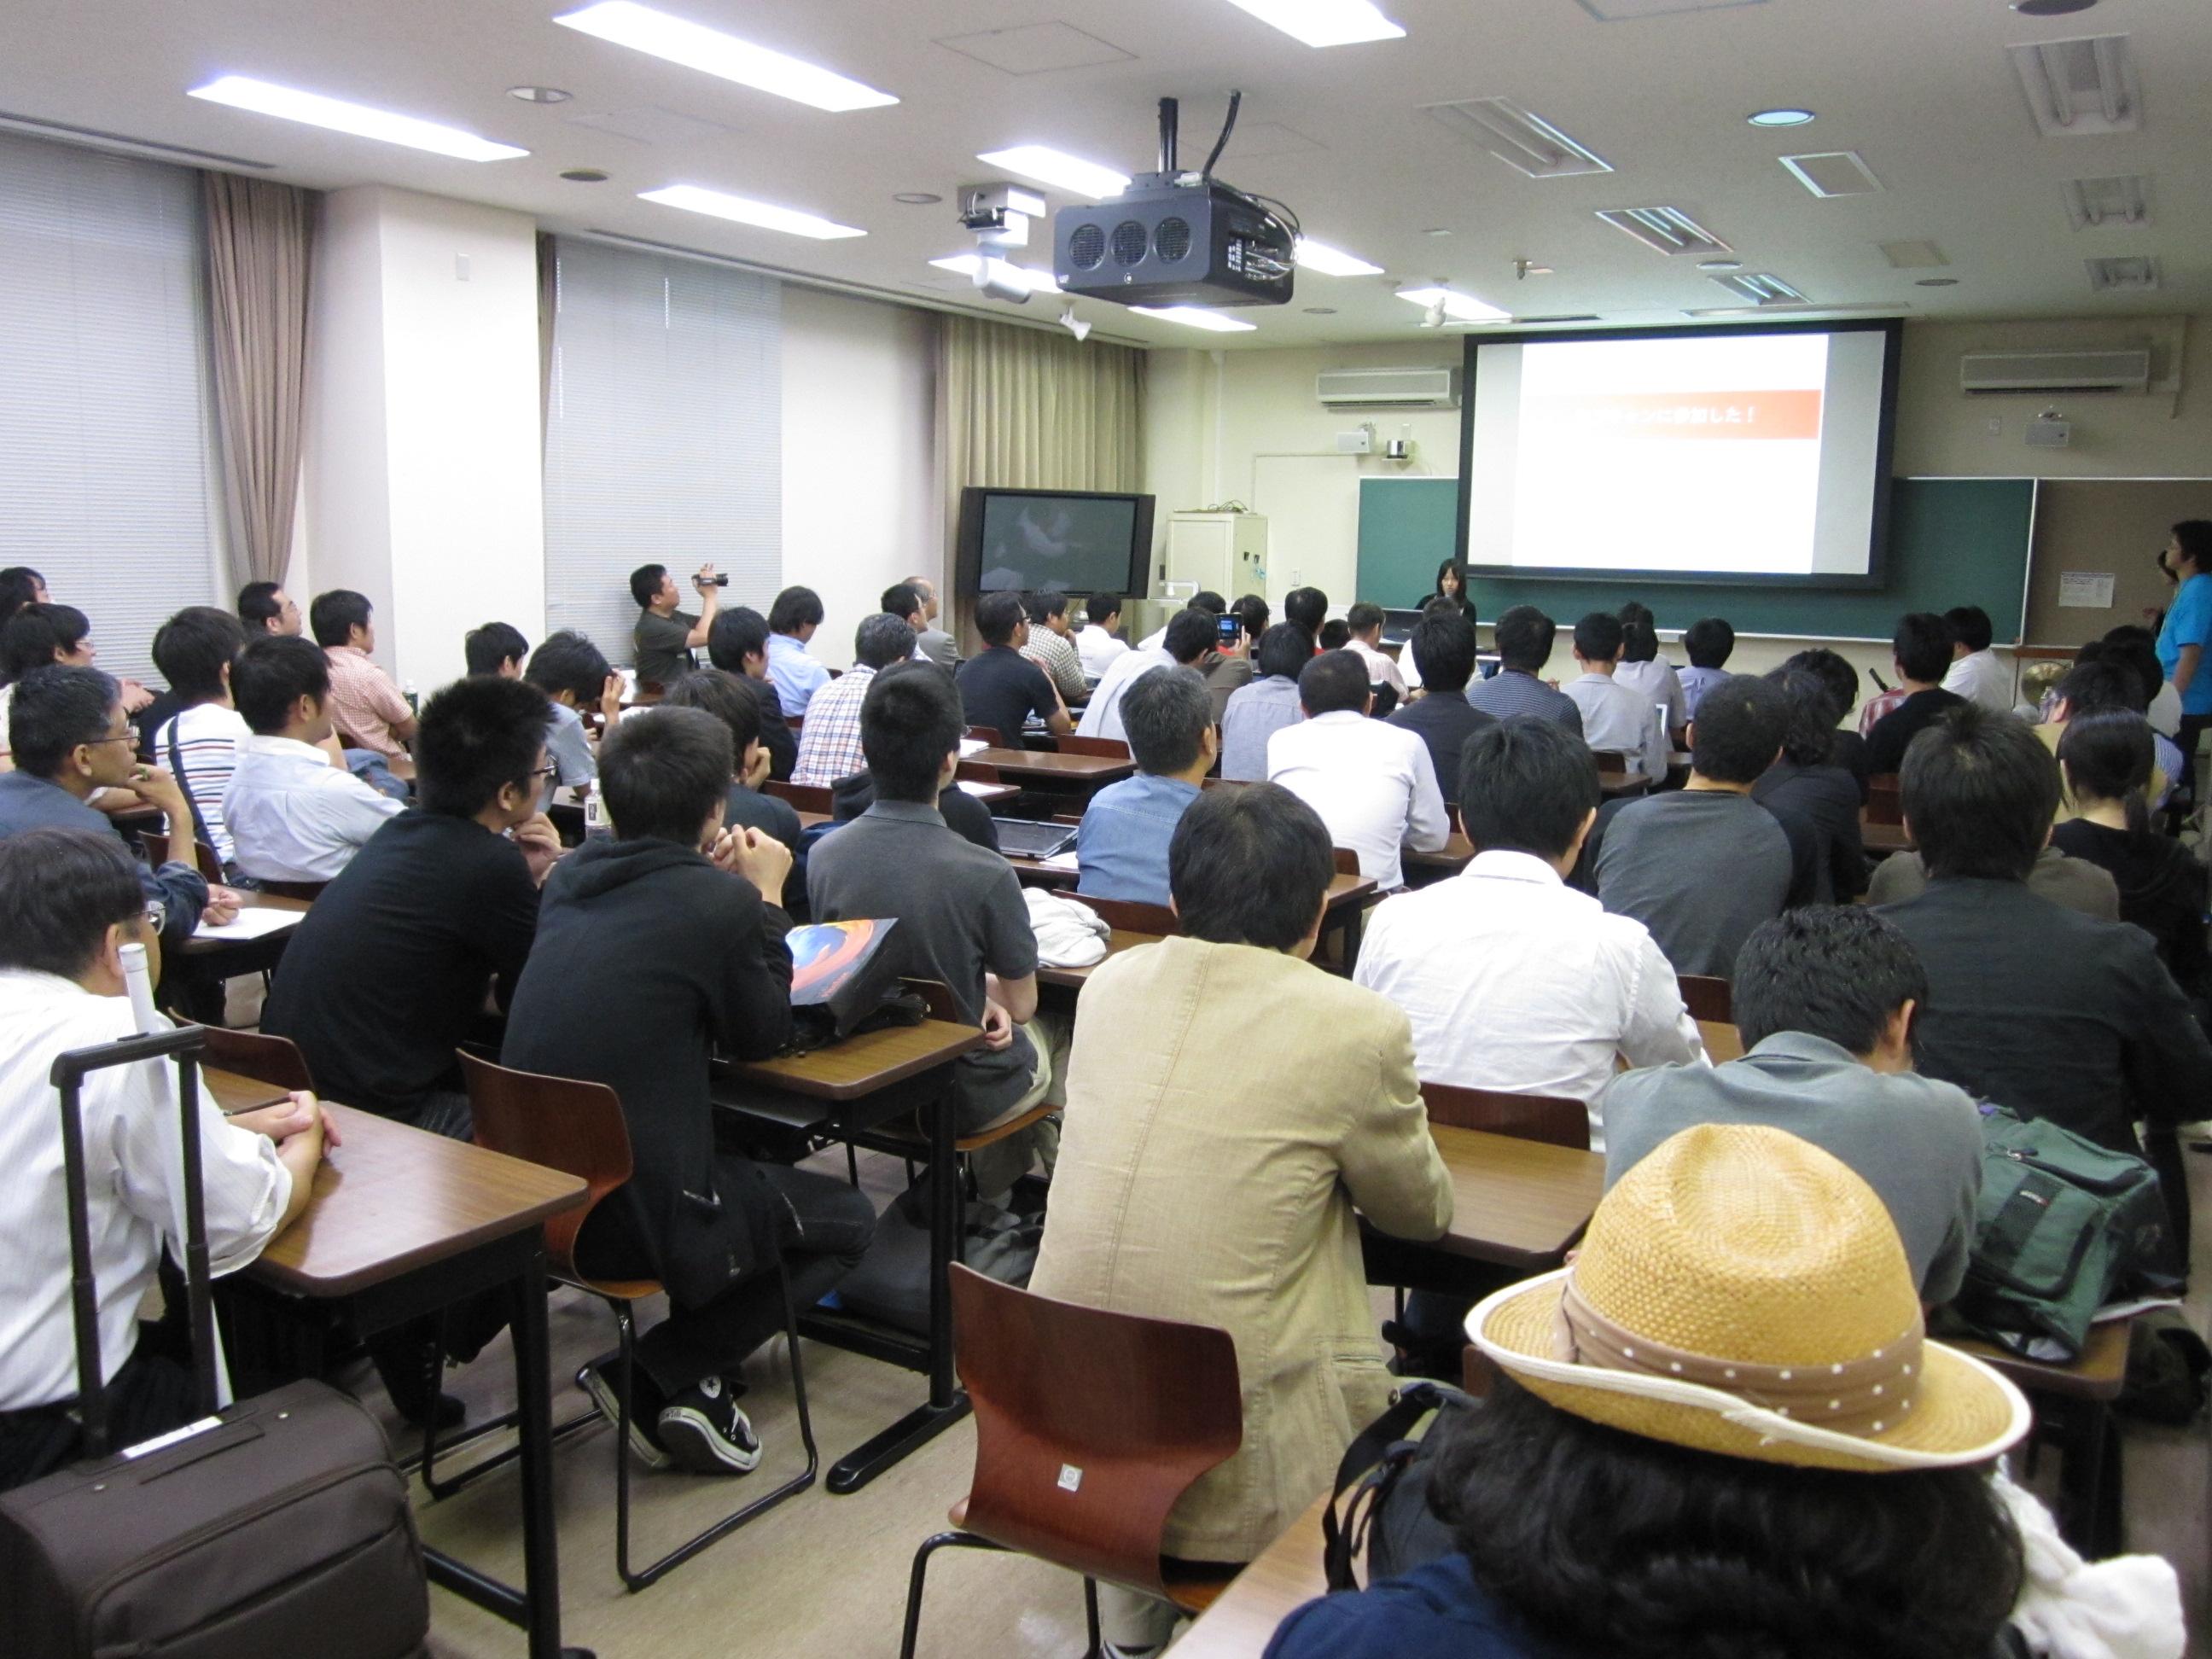 広島第1回目のLTの様子 (2011年)